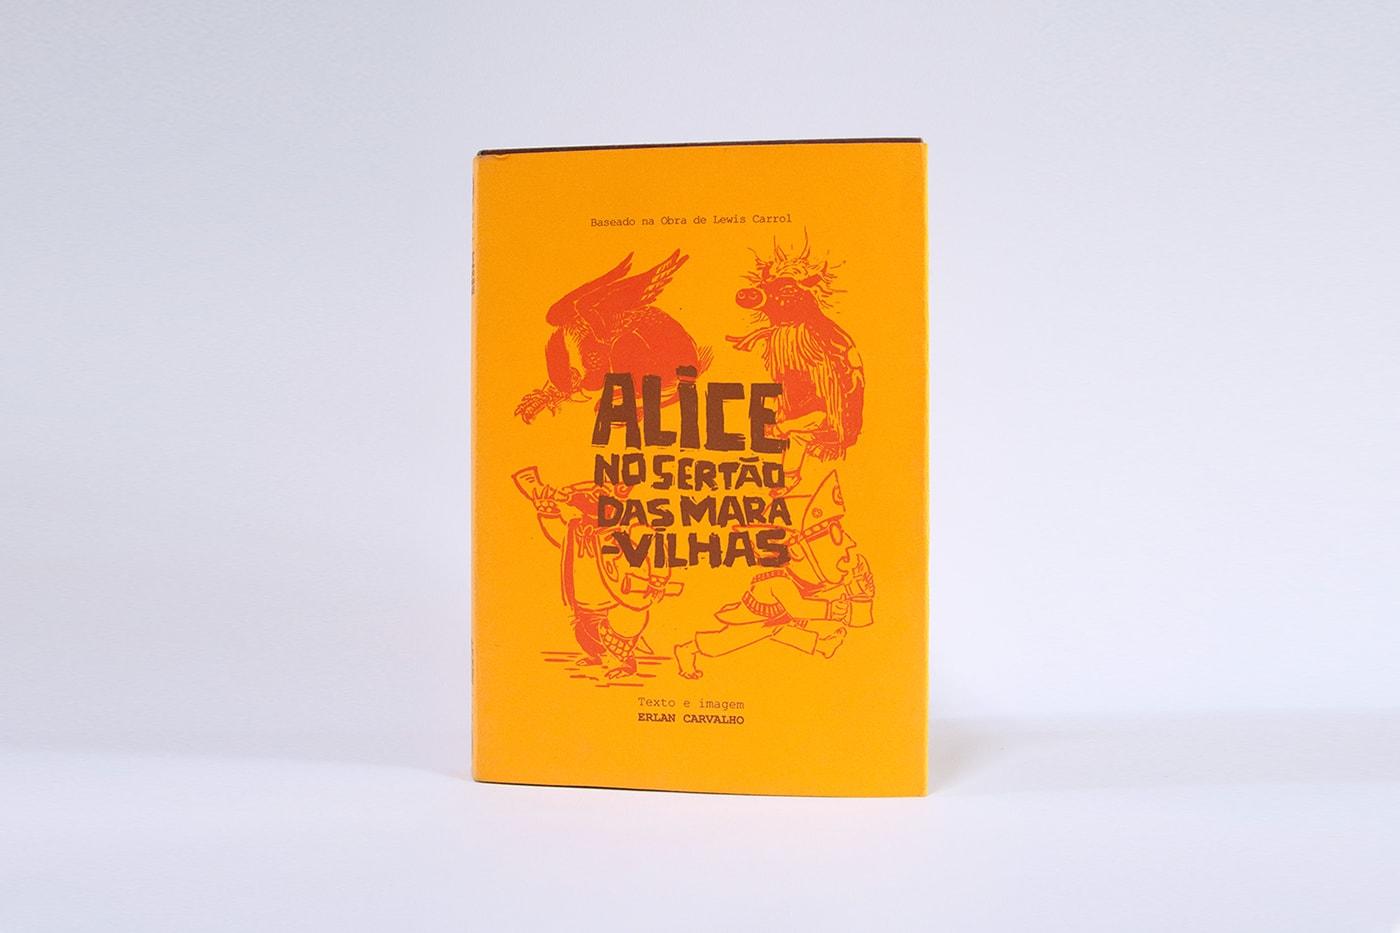 """Luva da obra - ela é amarela com uma ilustração em estilo xilogravura e o título """"Alice no sertão das maravilhas"""" em marrom."""